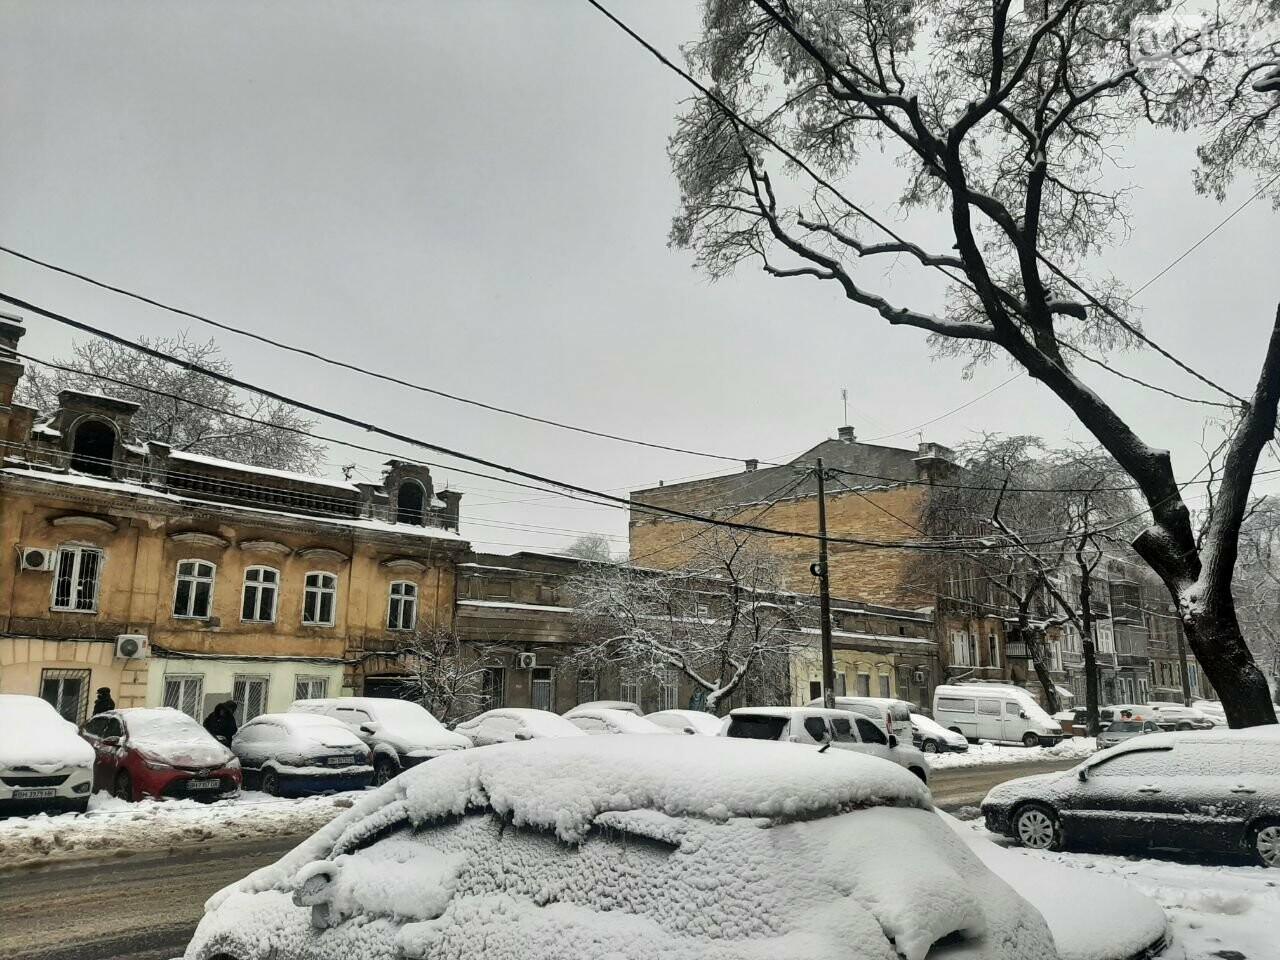 Последствия непогоды в Одессе, - ФОТОРЕПОРТАЖ, фото-1313